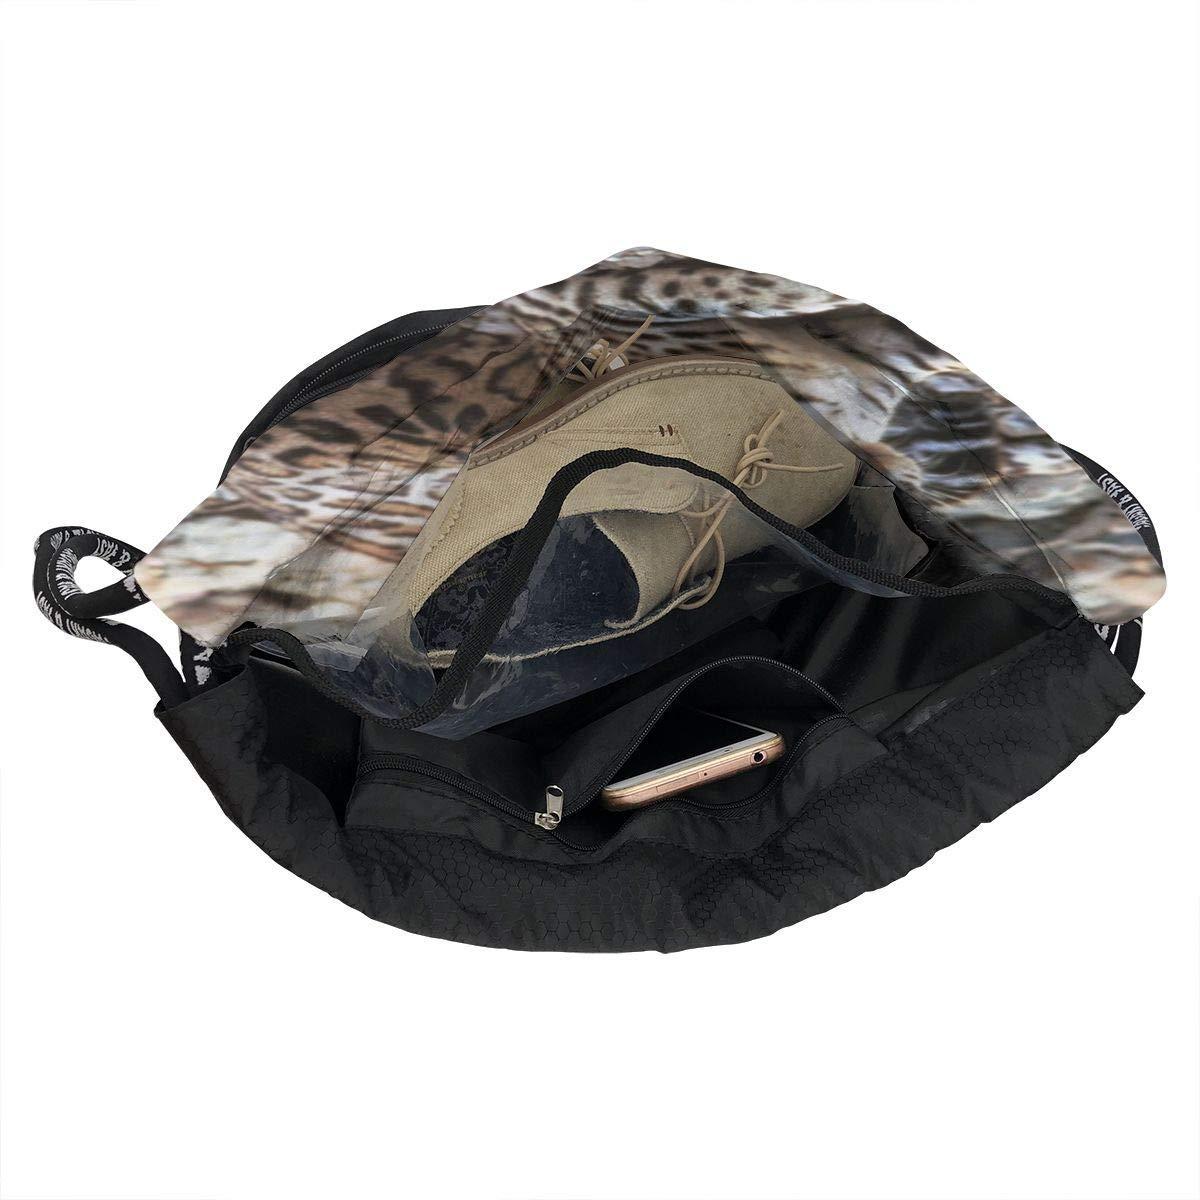 sunminey Sac de Cinch,Sacs de Sport /à Cordon Lightweight Waterproof Large Storage Drawstring Bag for Men Women Vintage Ocelot Cinch Backpack Sackpack Tote Sack